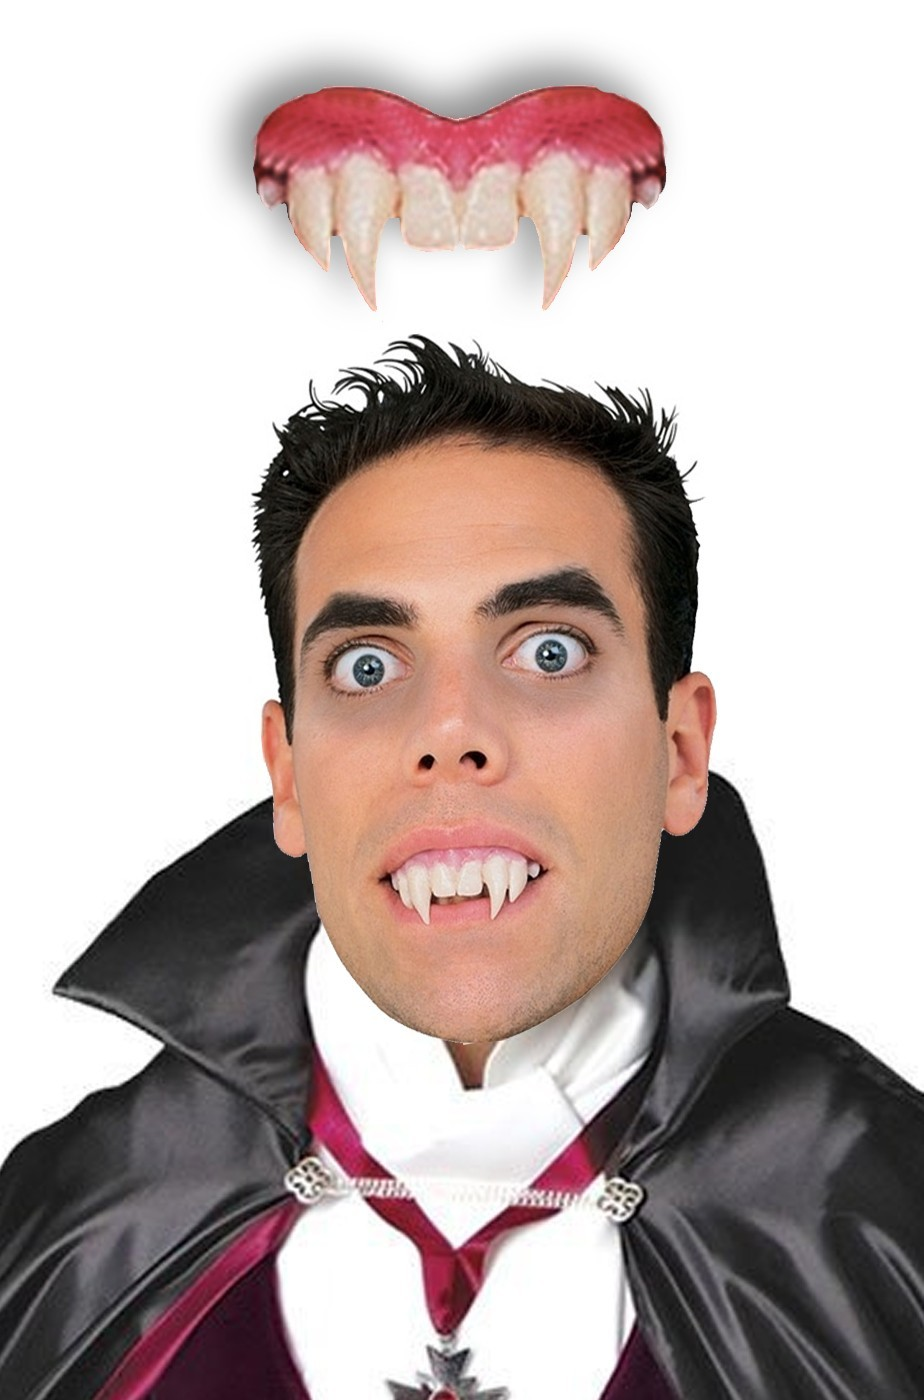 Dentiera vampiro rigida solo parte sopra + 14 anni con bicomponente